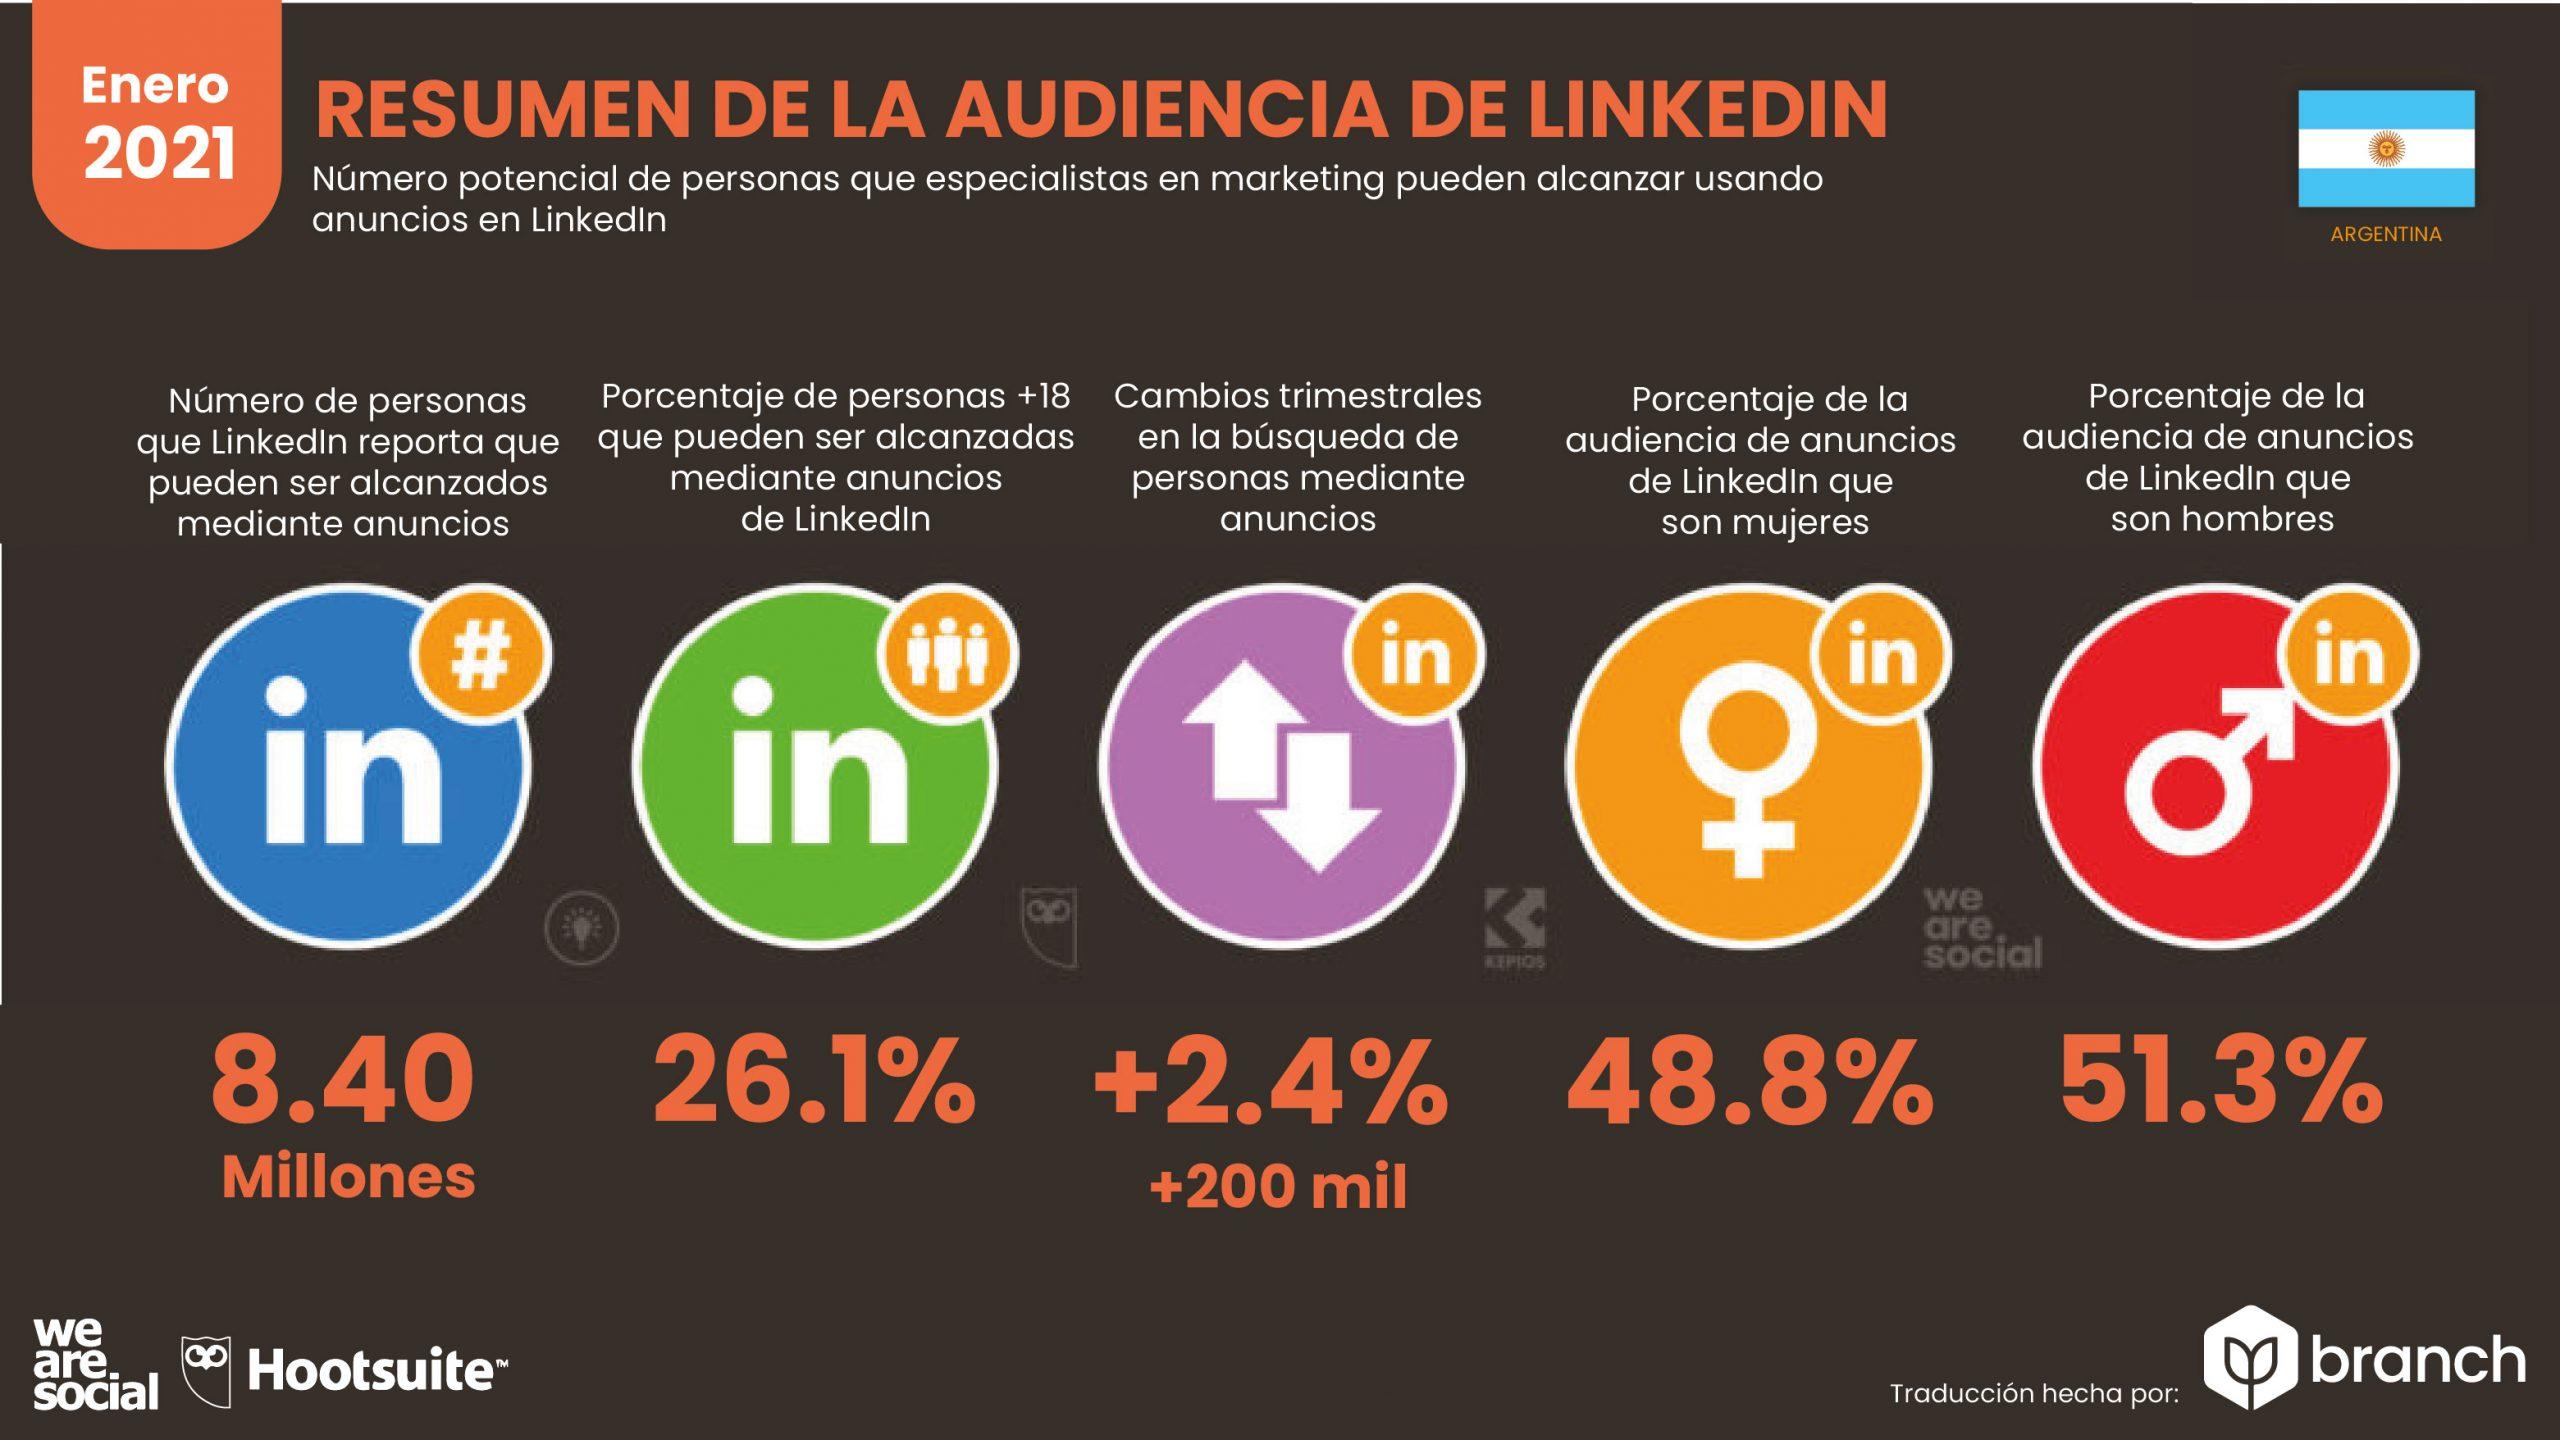 grafico-audiencia-de-LinkedIn-en-argentina-2020-2021